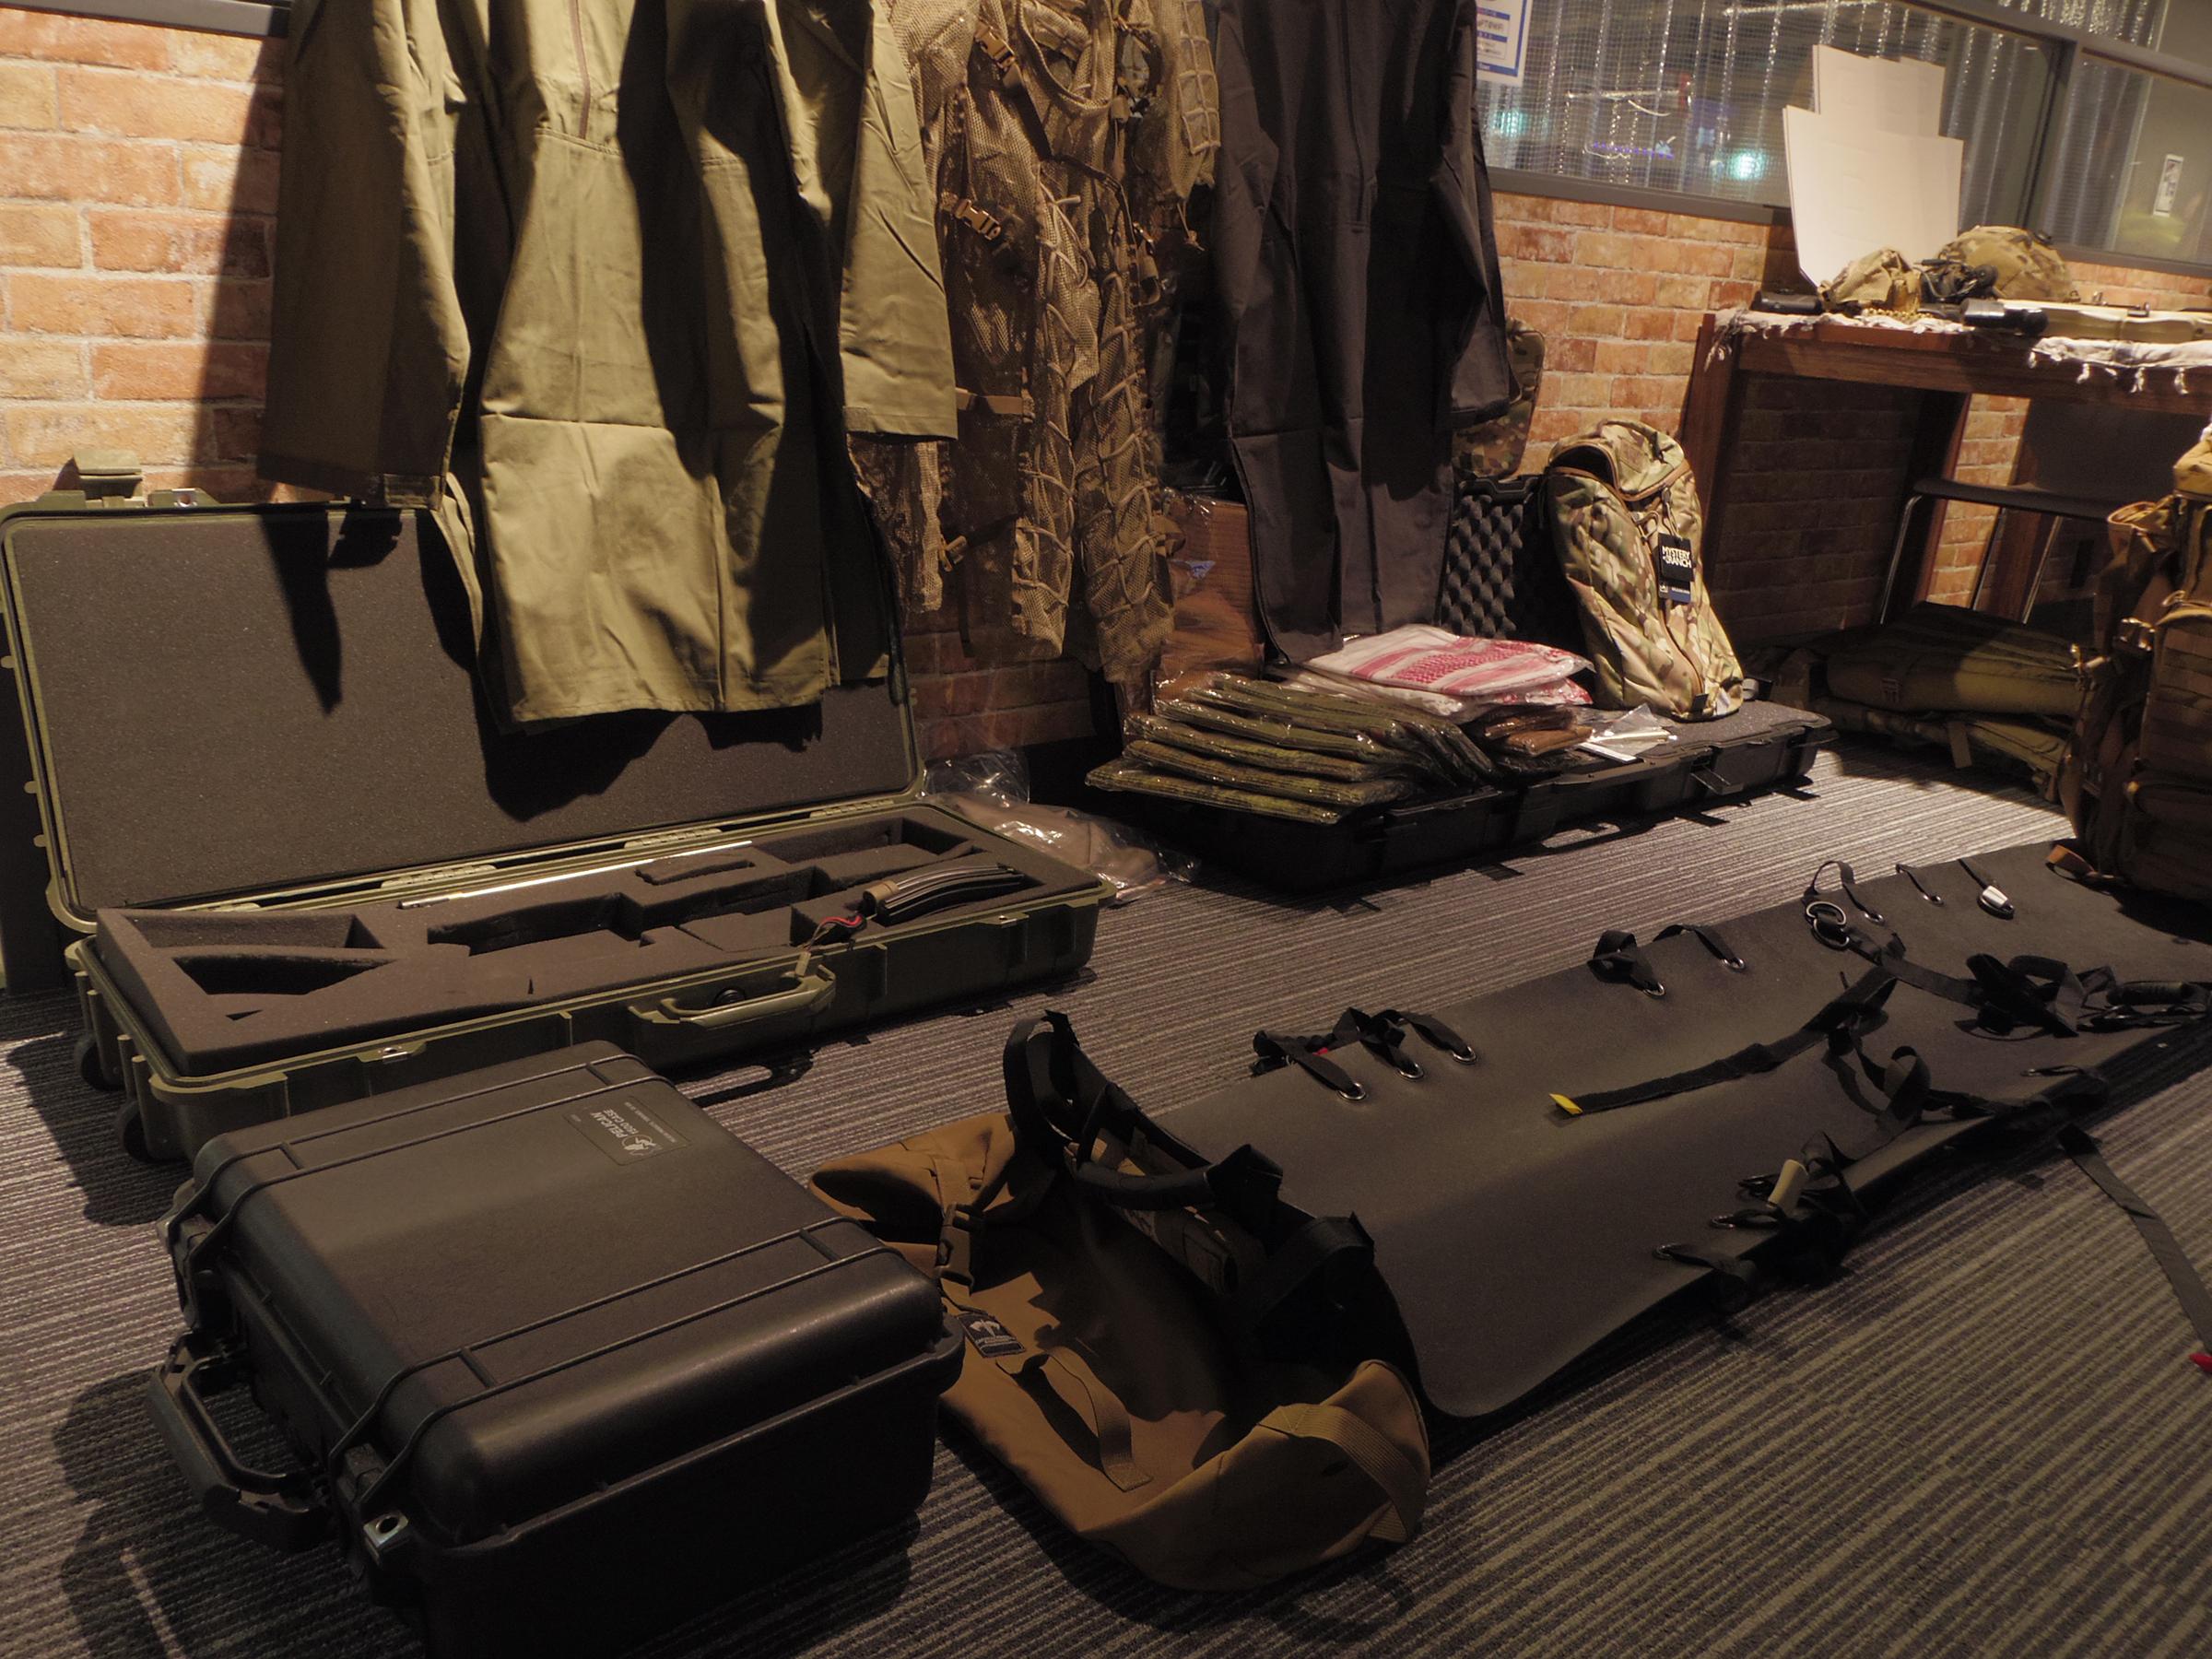 読者プレゼントとともに担架やバックパック、ライフルも展示されていた